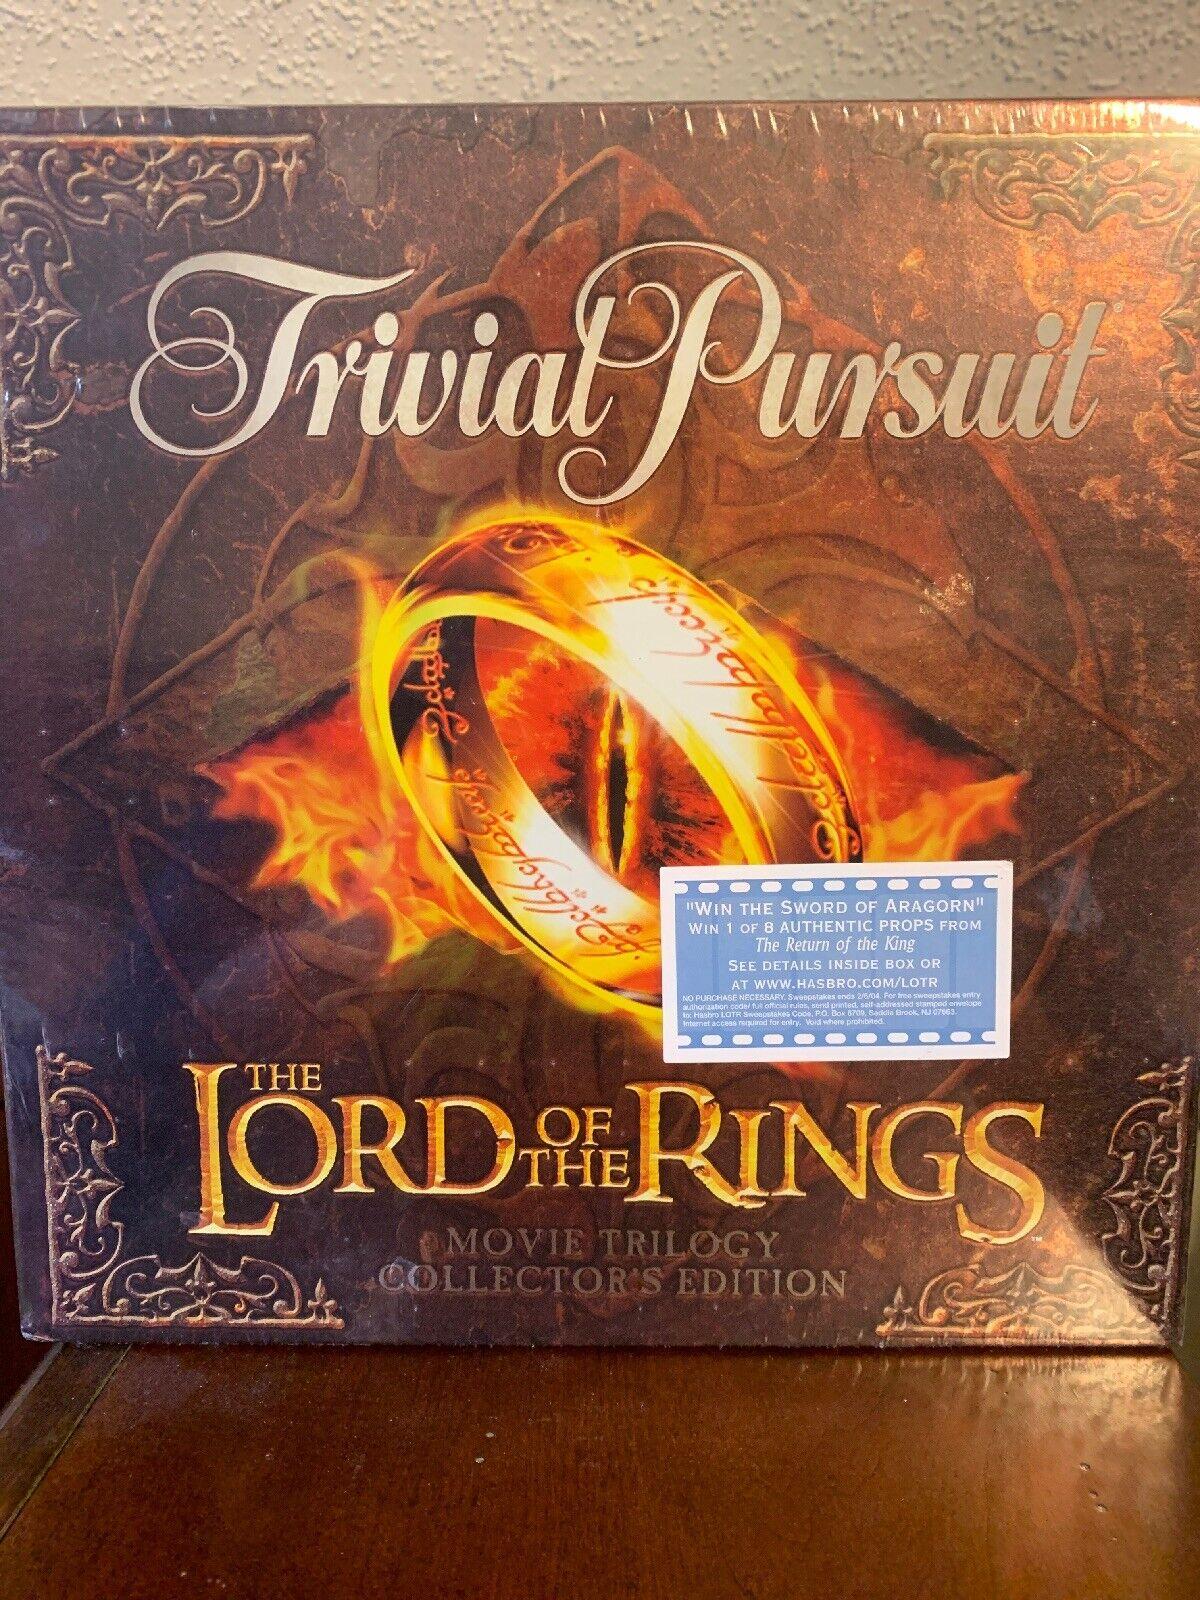 2003 sellado el señor de los anillos trilogía de películas Trivial Pursuit Edición De Coleccionistas